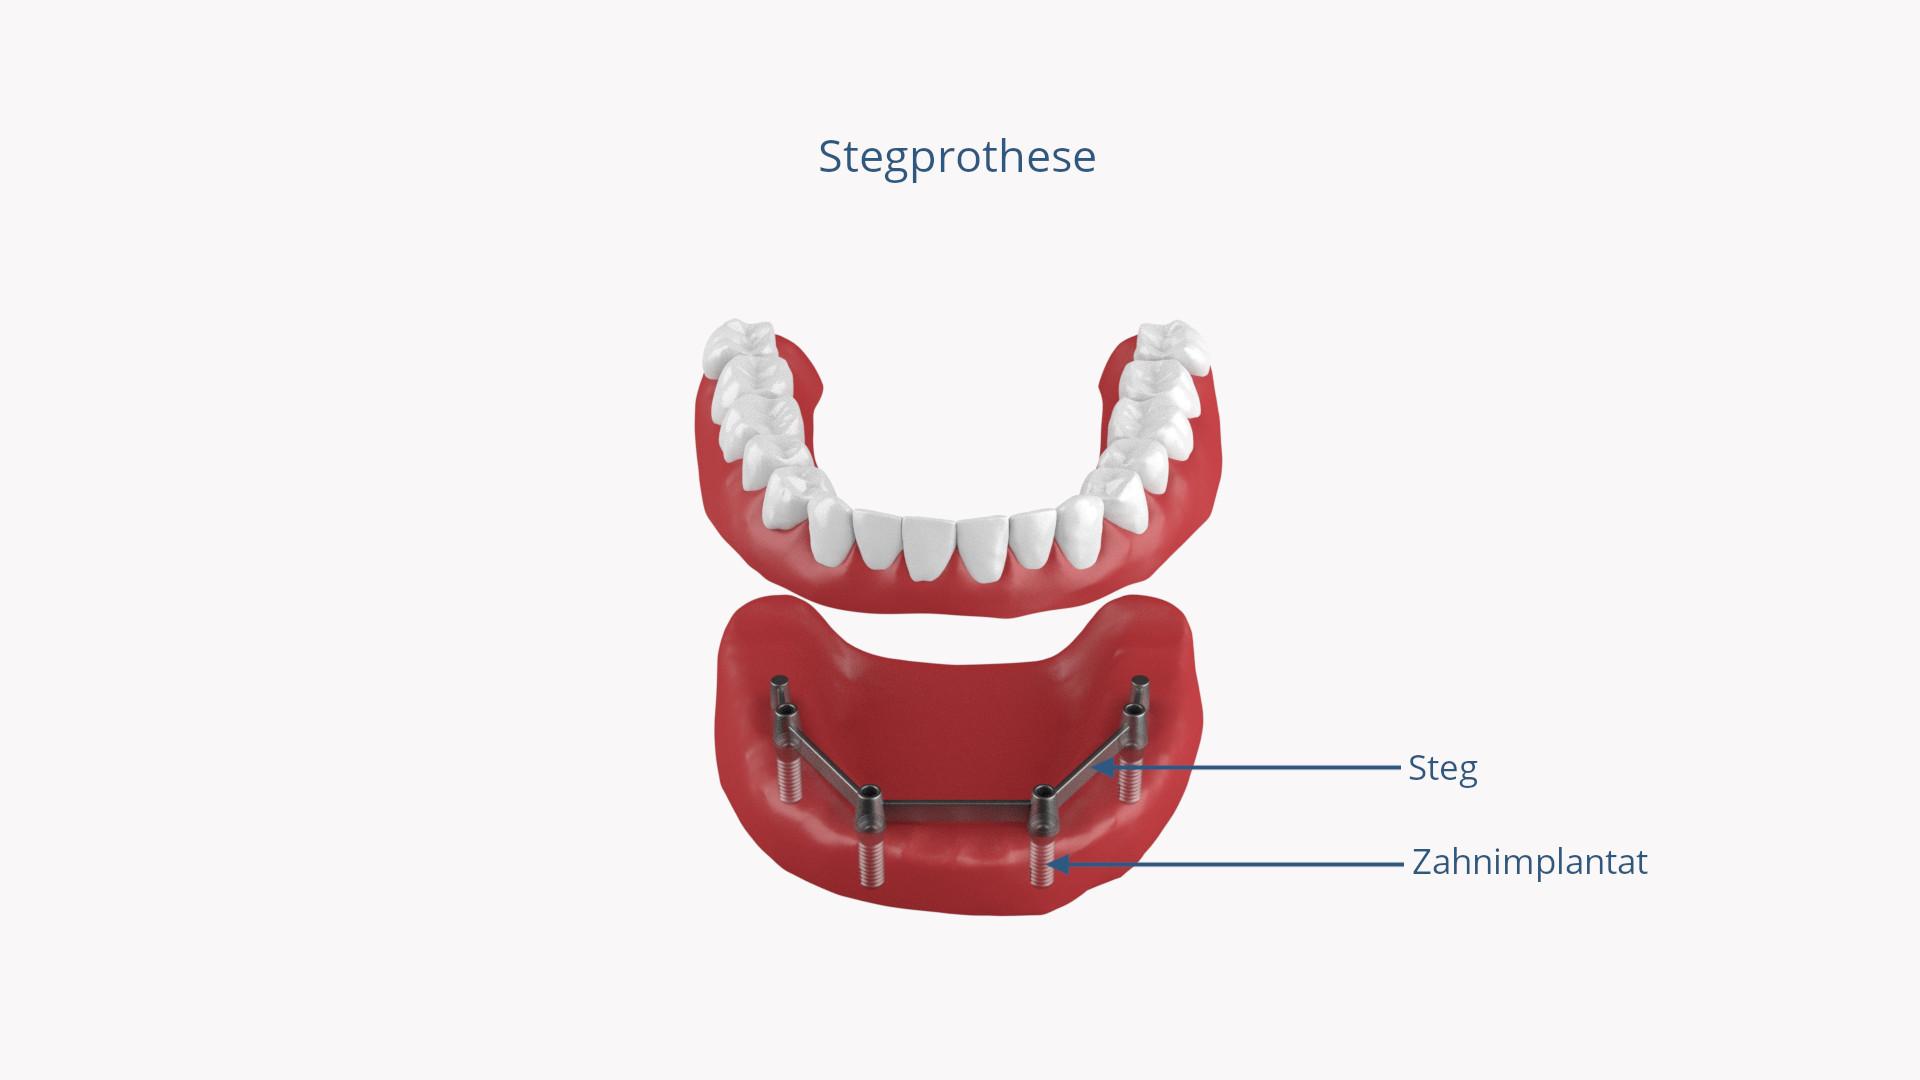 Stegprothese